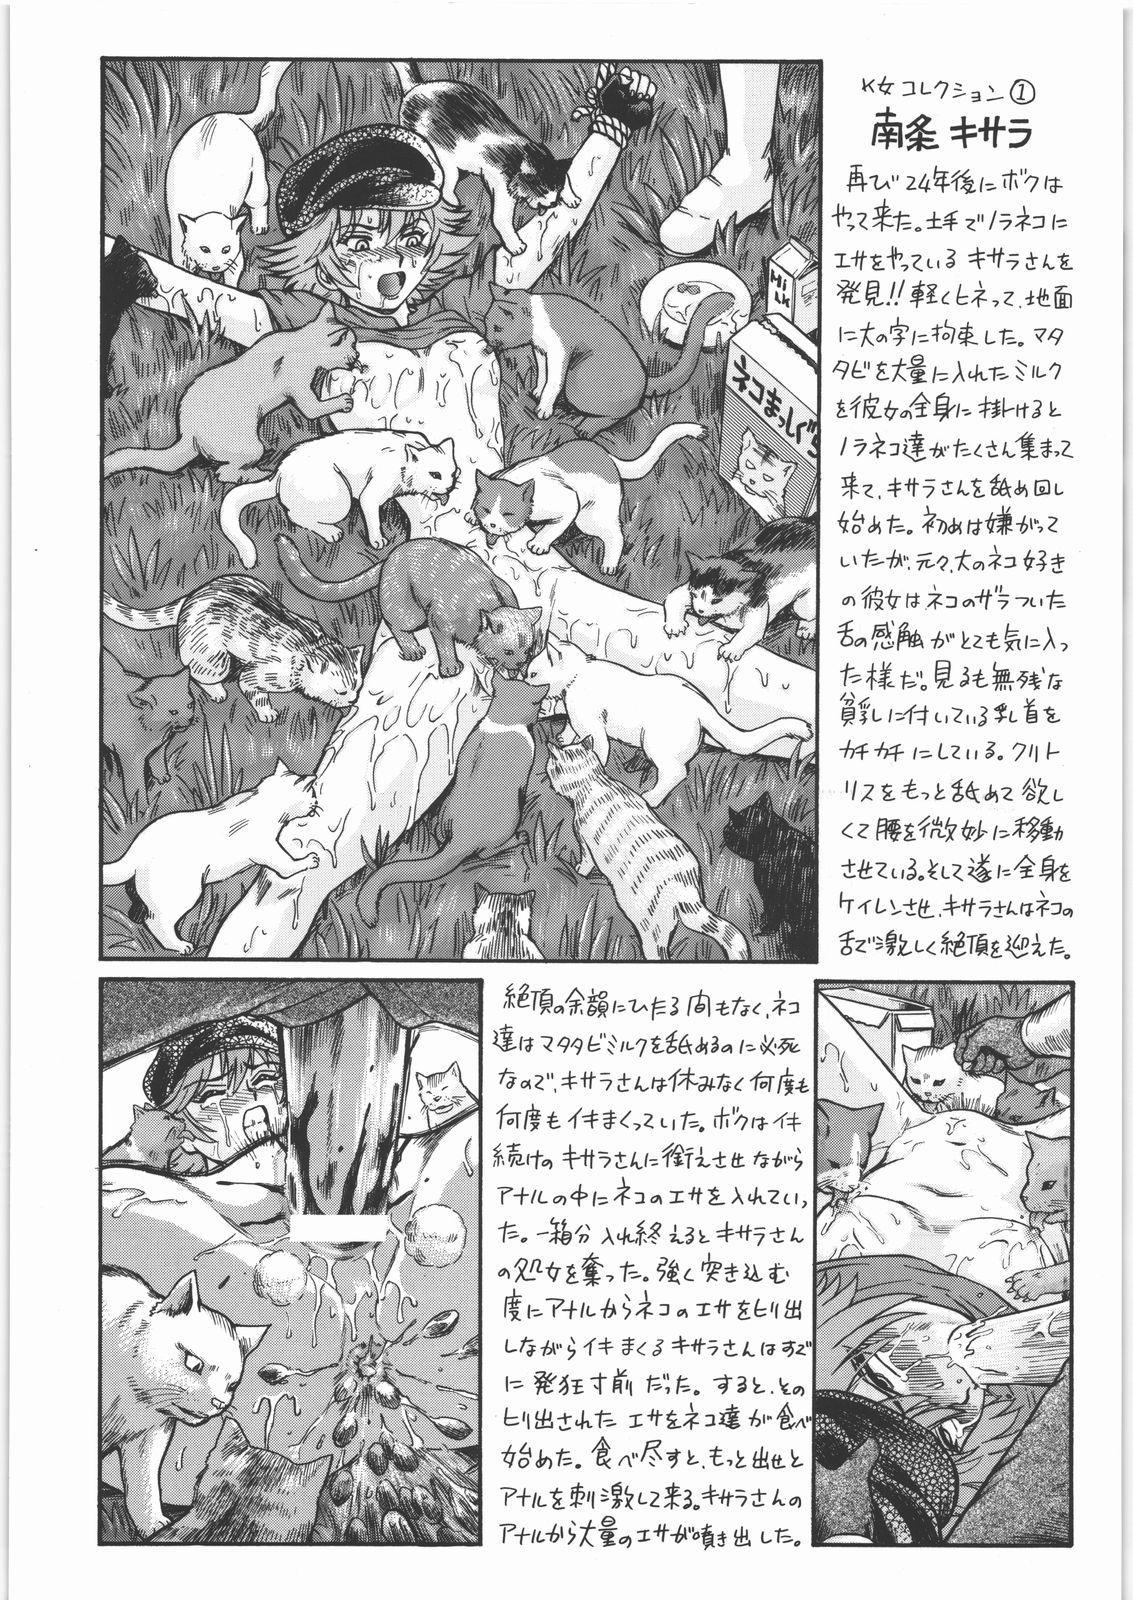 TAIL-MAN MIU FUURINGI BOOK 36